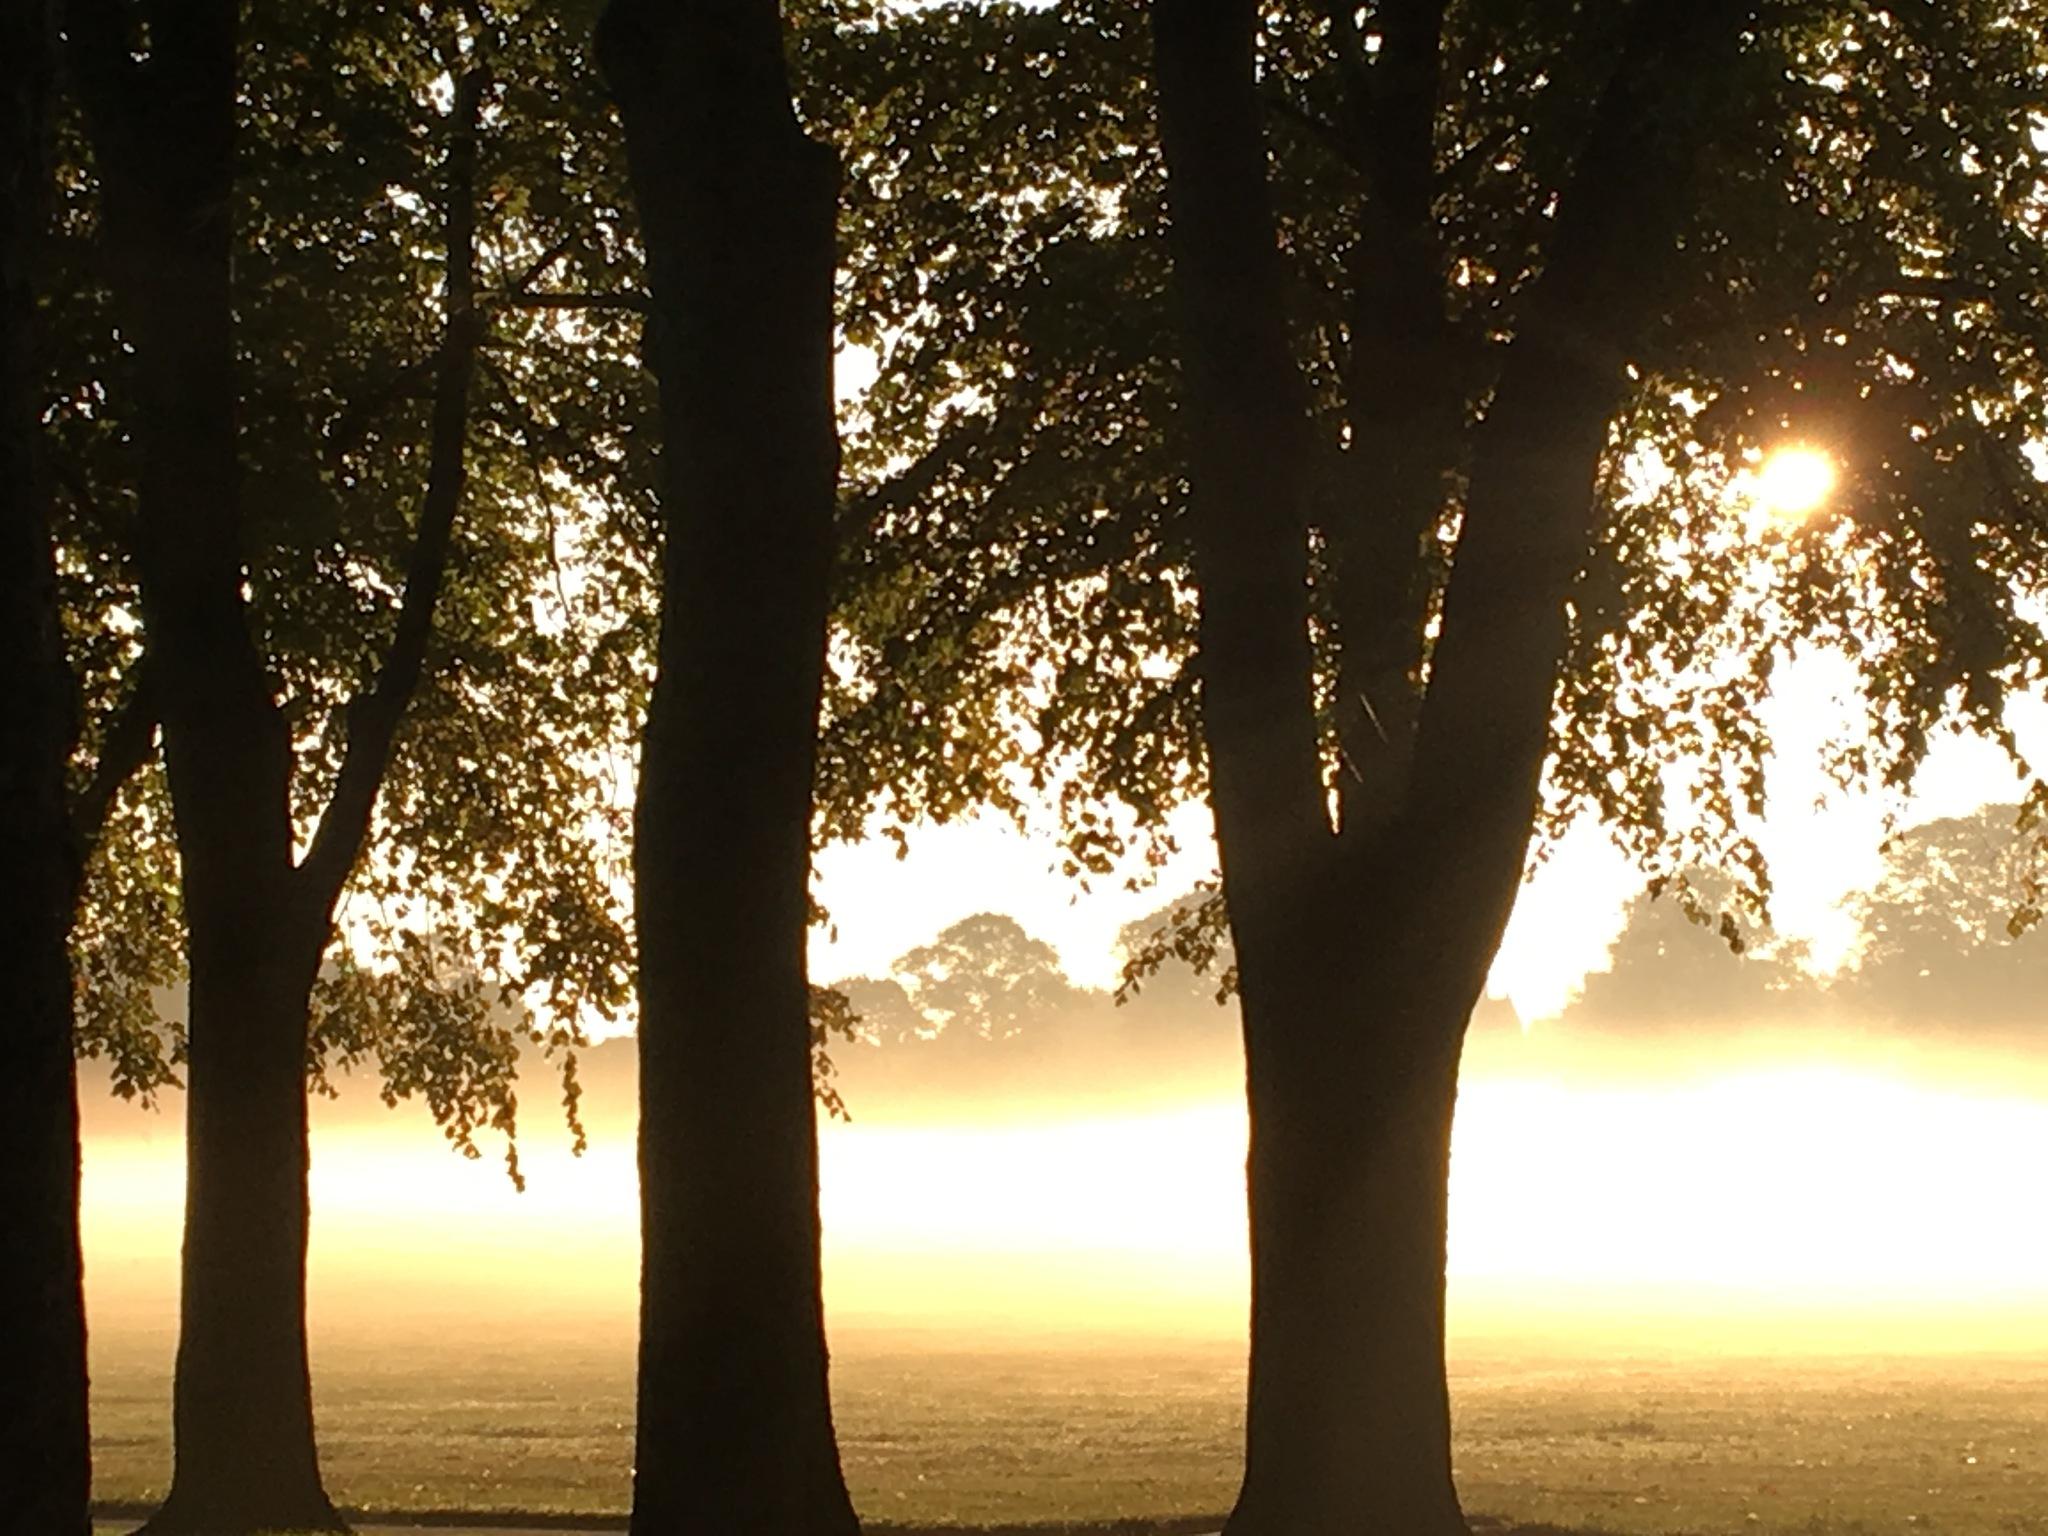 Misty morn 2 by Michavich